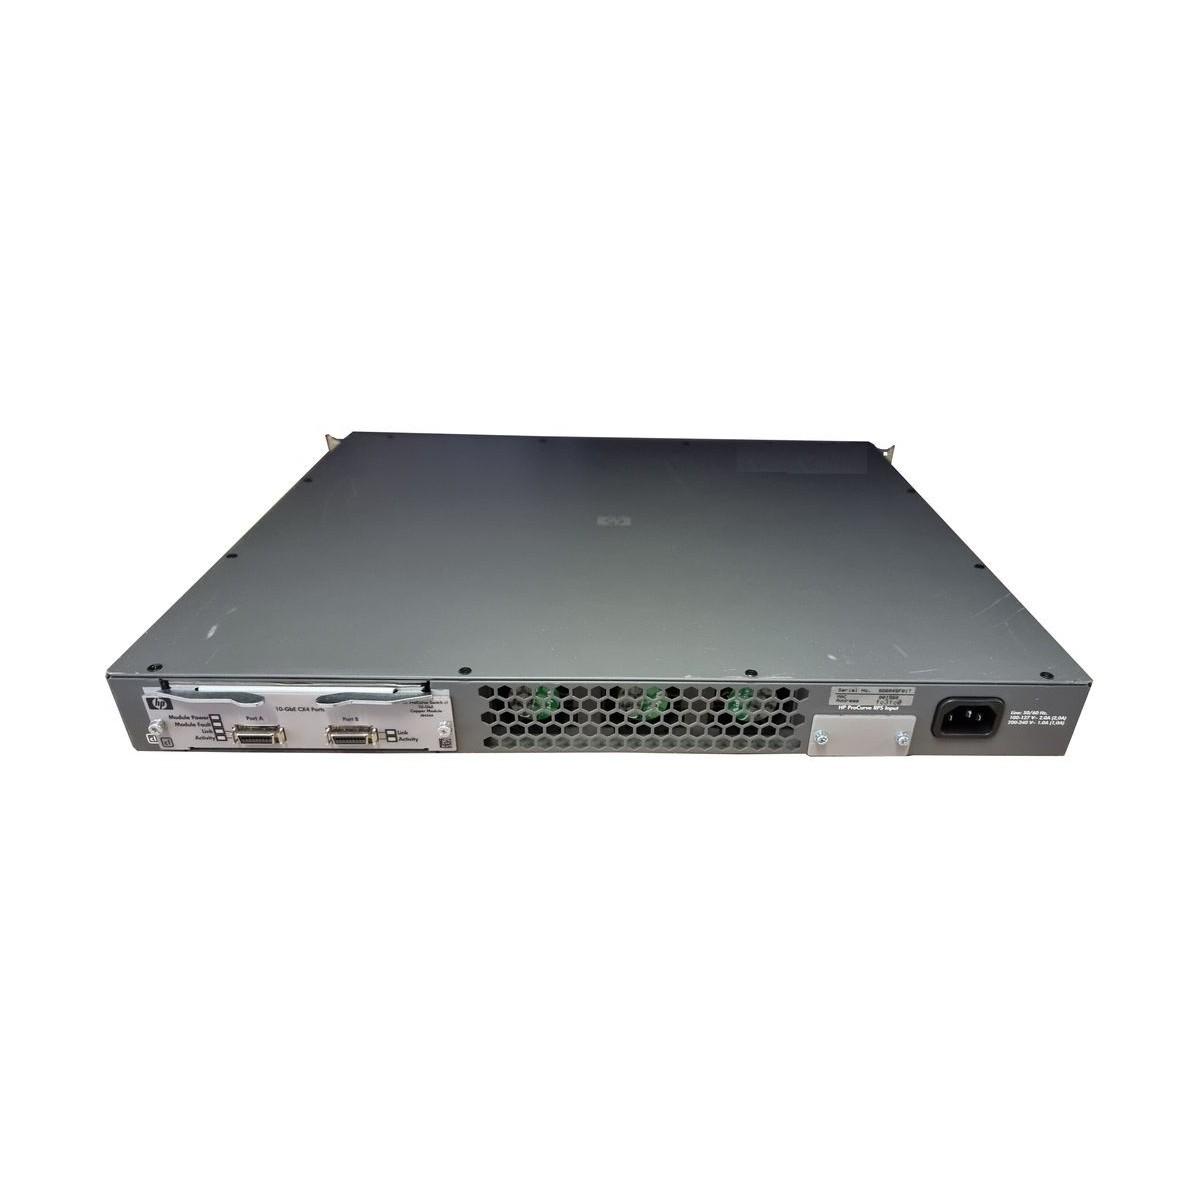 WIN2019 25CAL+DELL R710 2x2.4 SIX 32GB 2xSSD H700